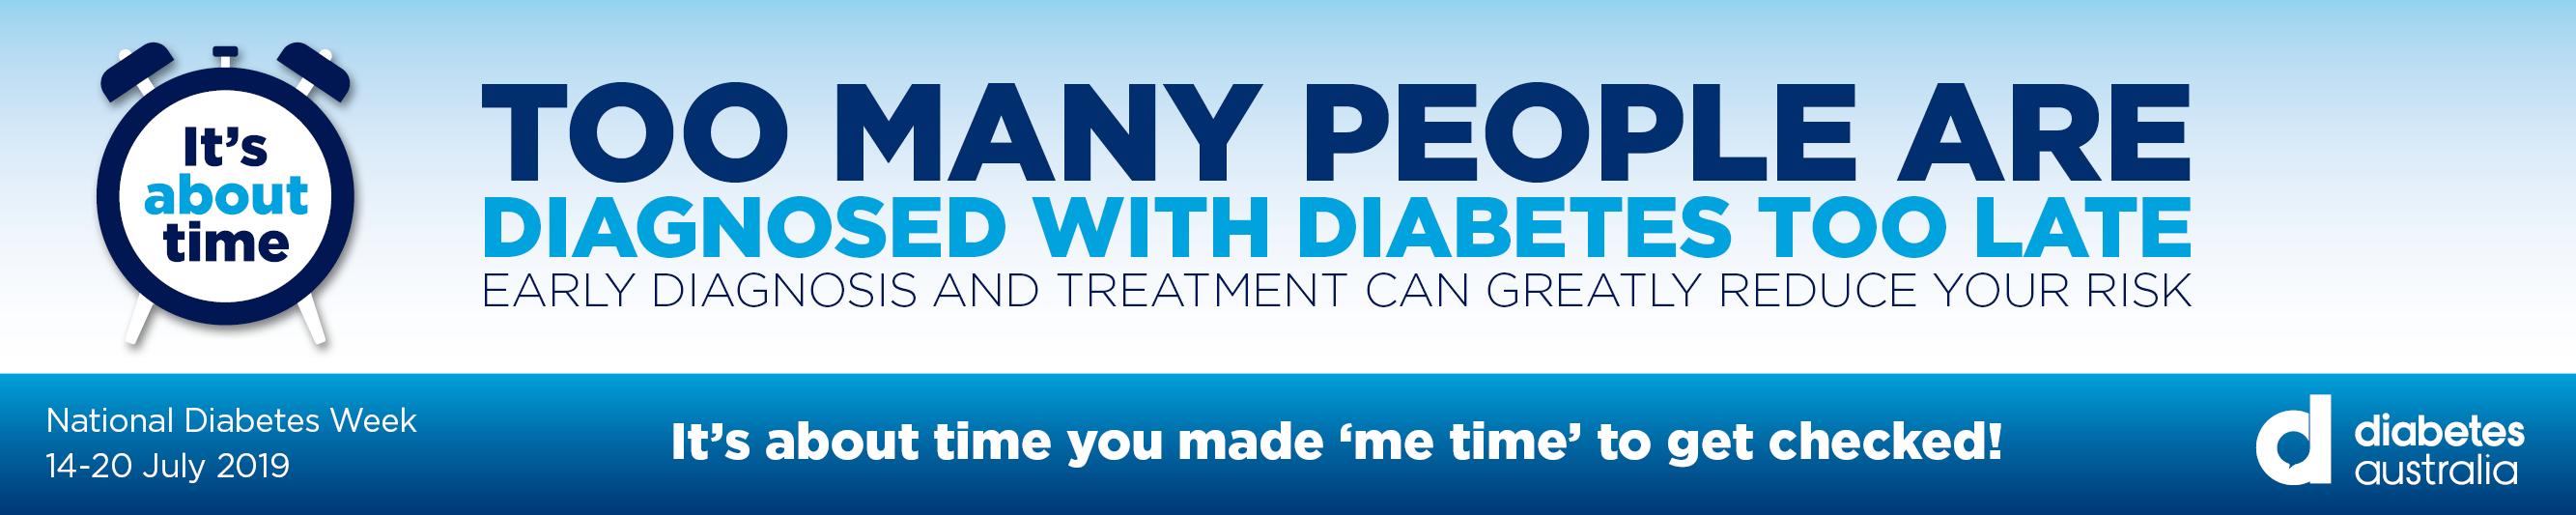 National Diabetes Week 2019 TDHS